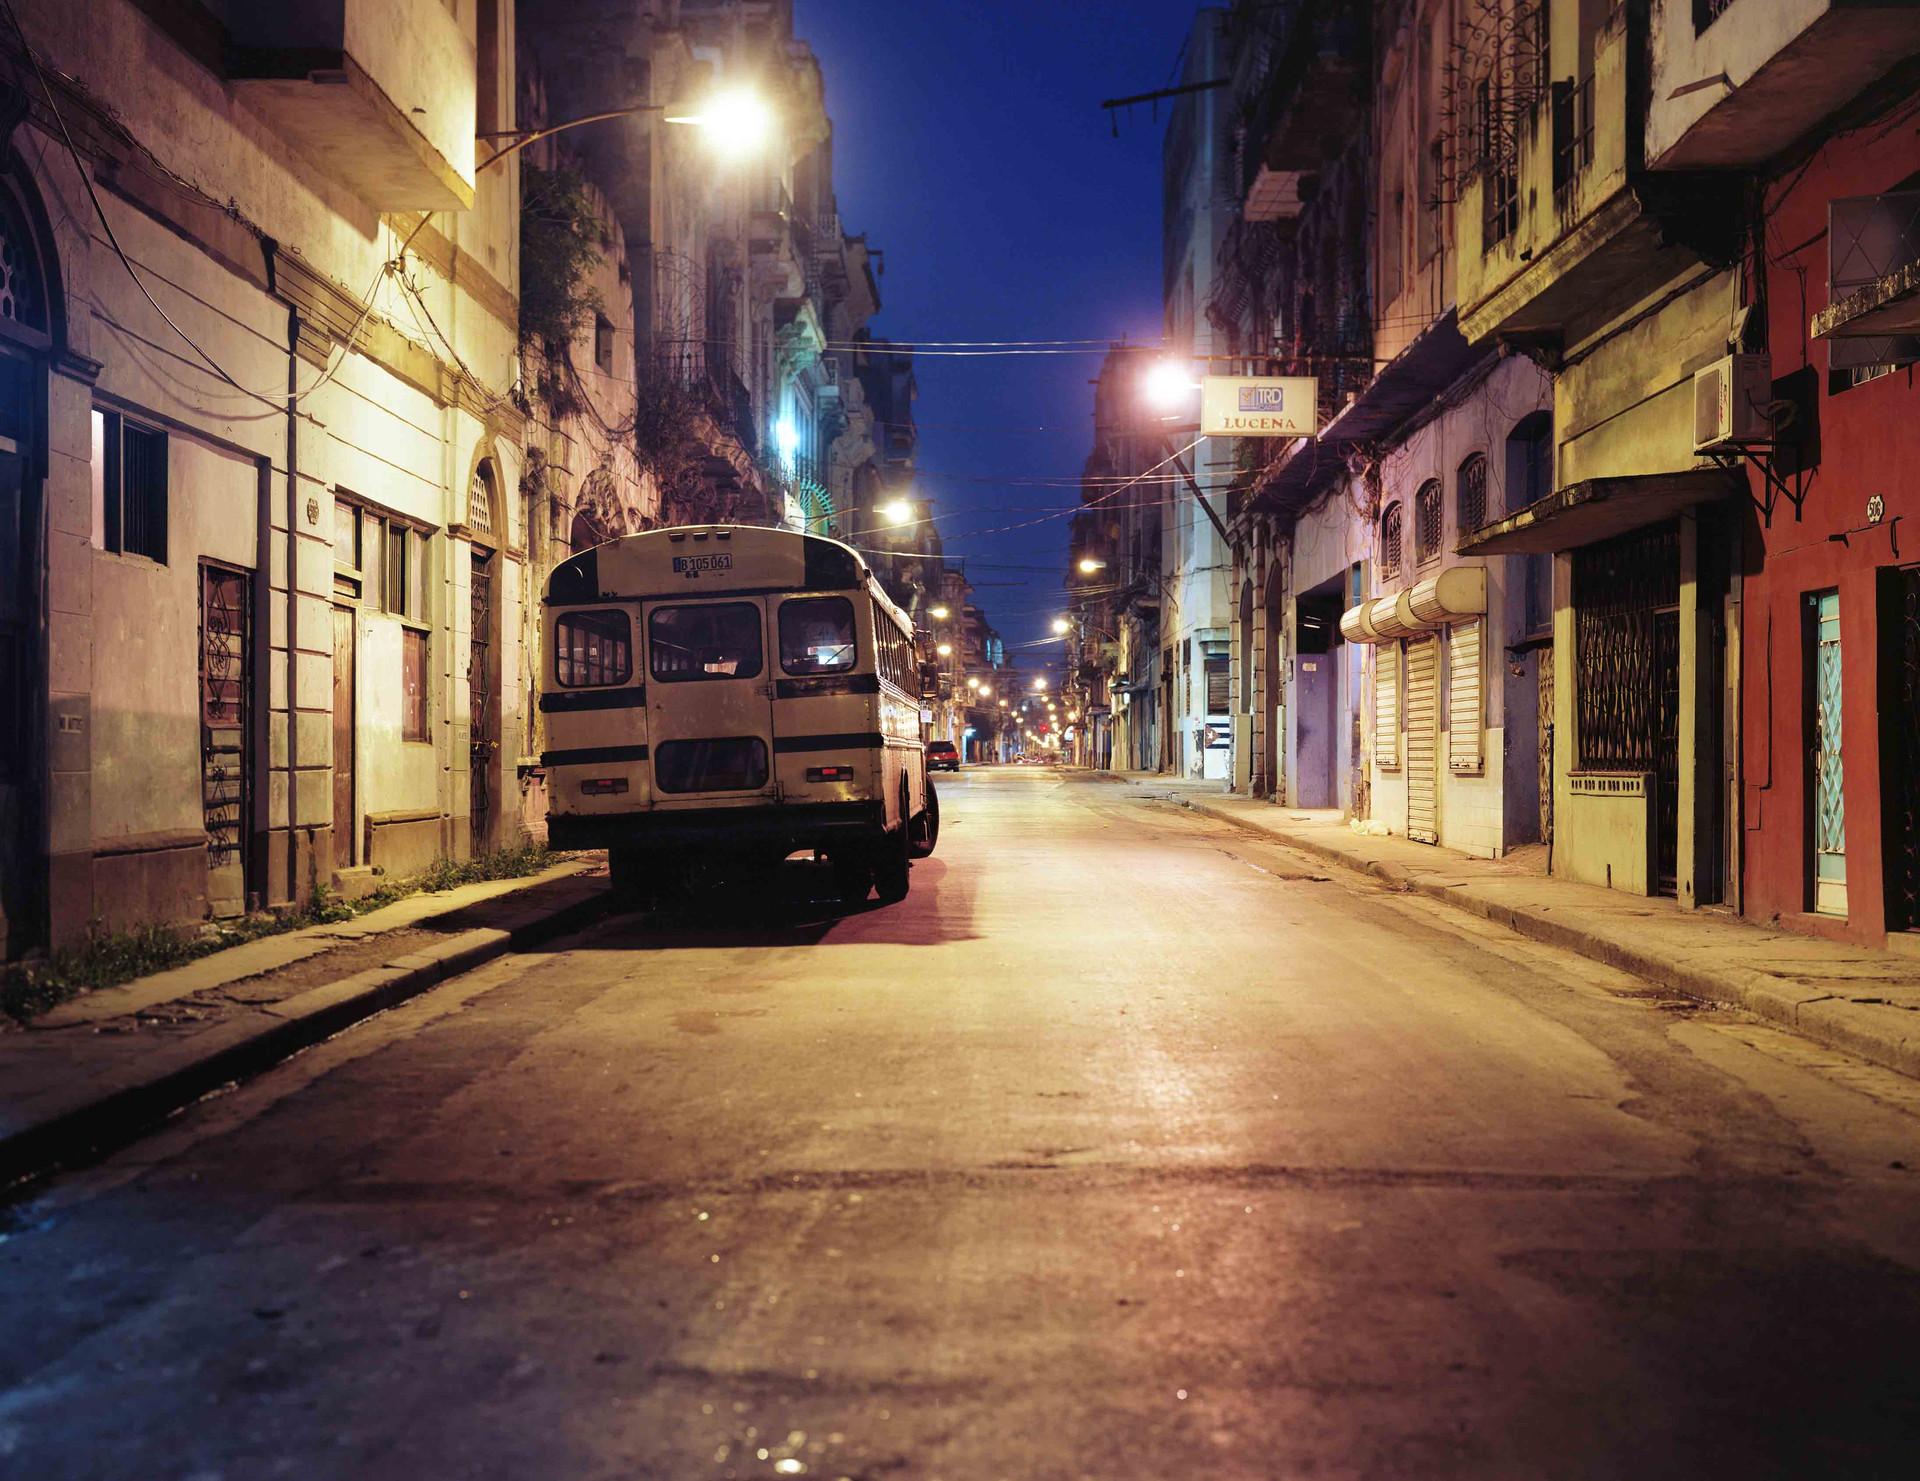 CUBA_07_003.jpg